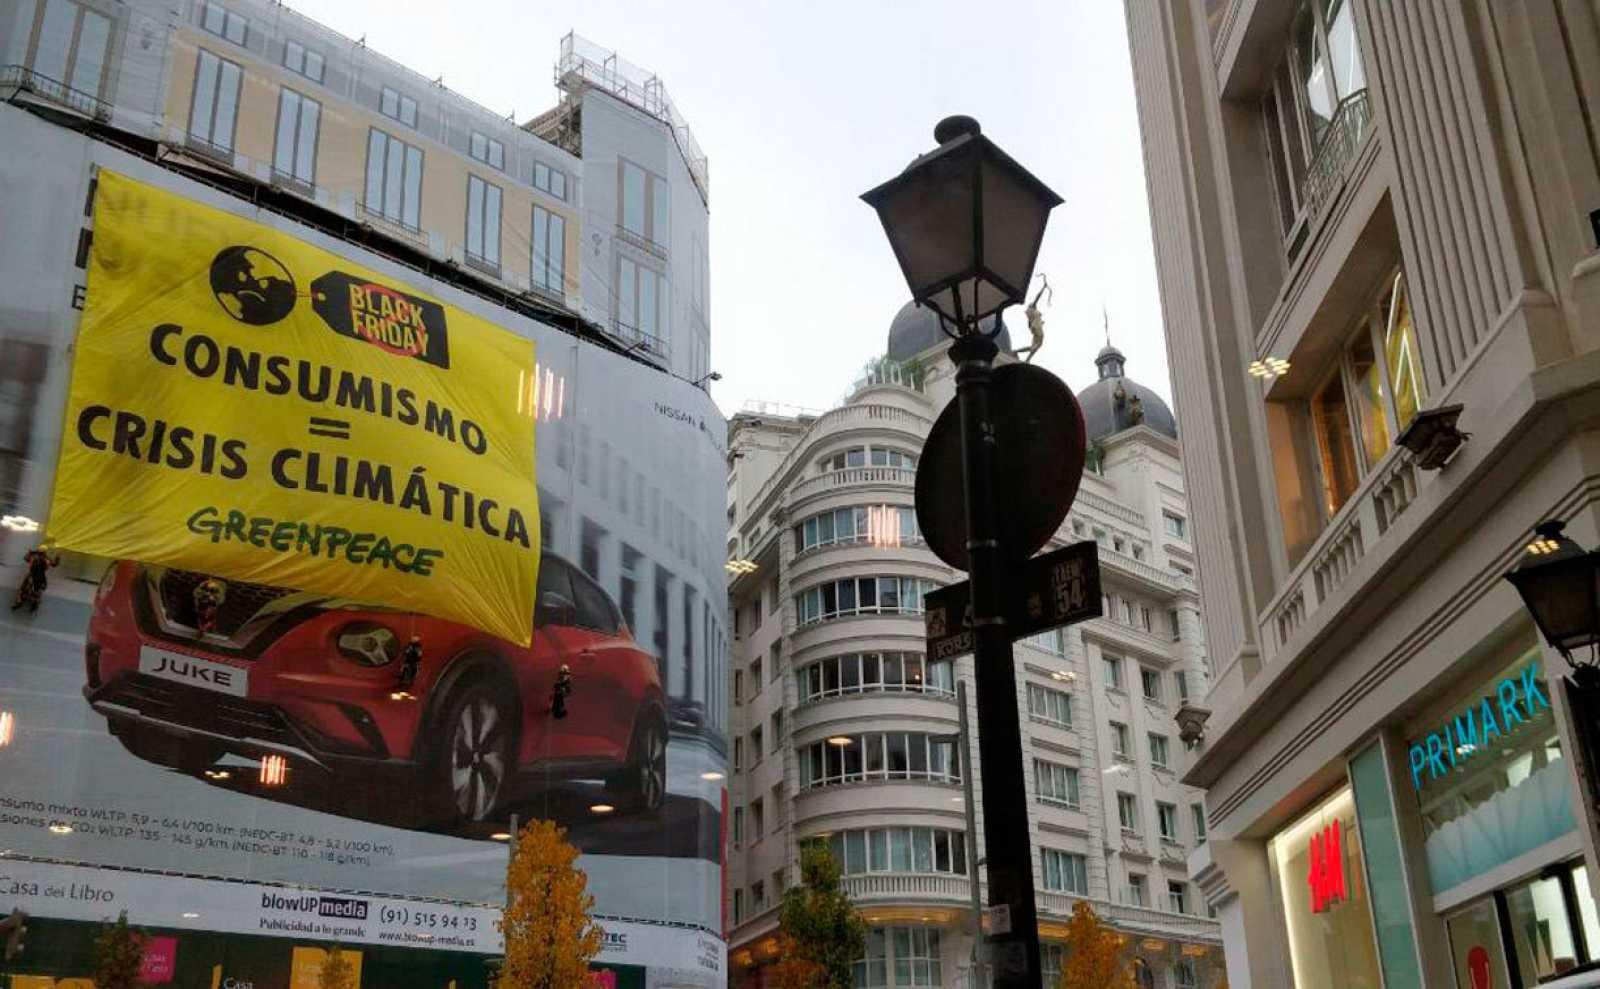 Greenpeace denuncia el modelo actual de producción y consumo en la Gran Via de Madrid